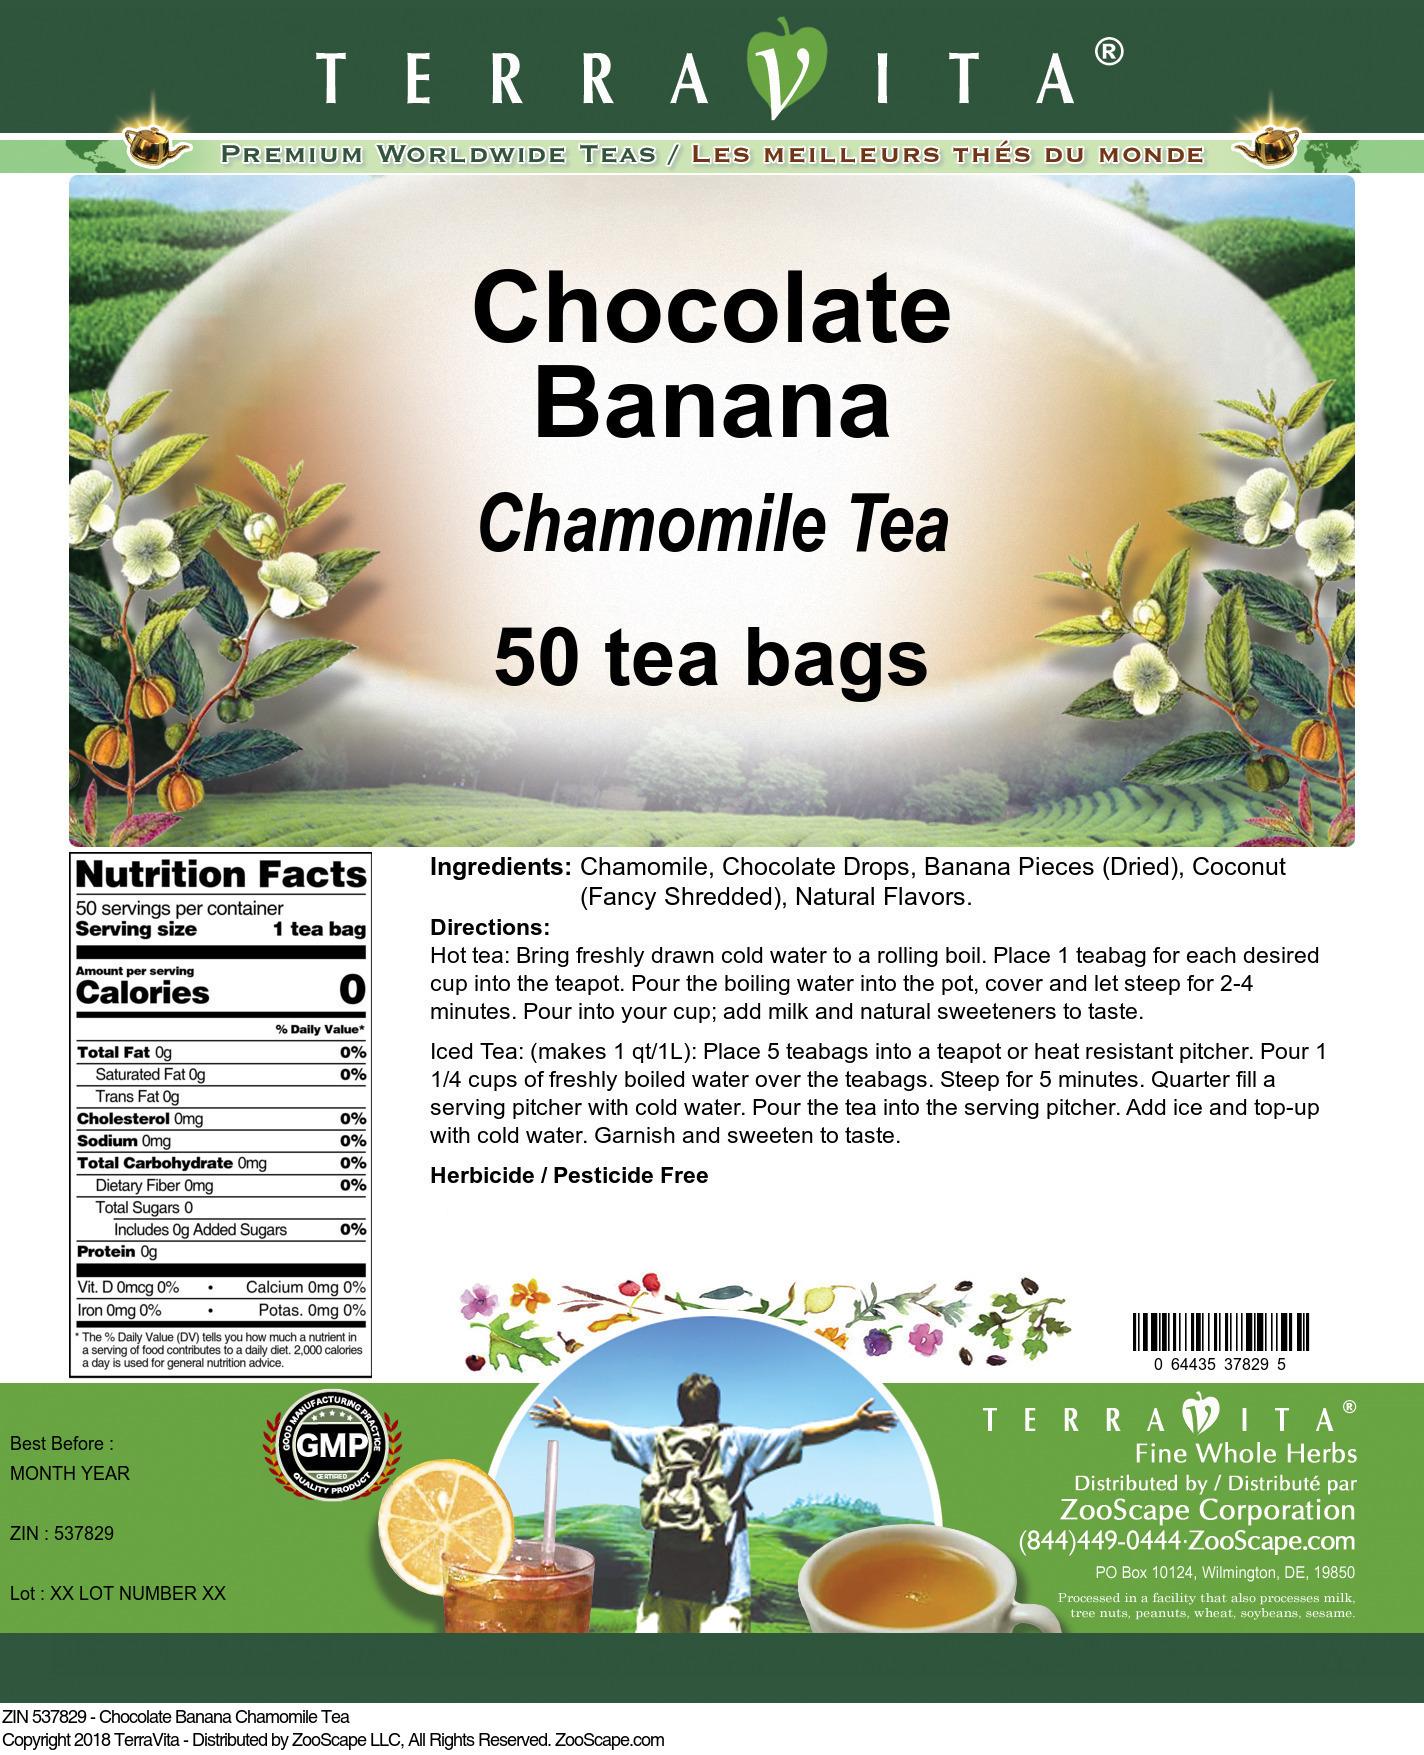 Chocolate Banana Chamomile Tea